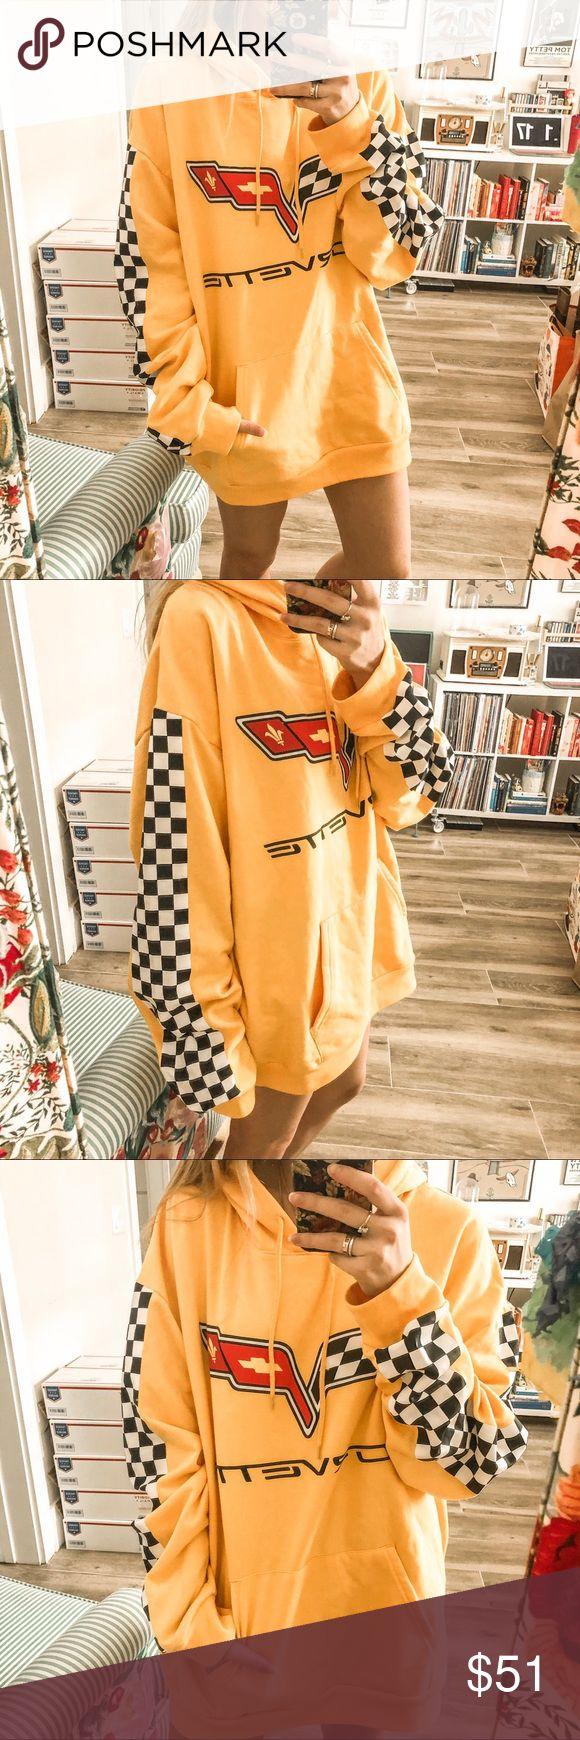 YELLOW CORVETTE CHECKERED RACING HOODIE Bright golden yellow Corvette logo overs...